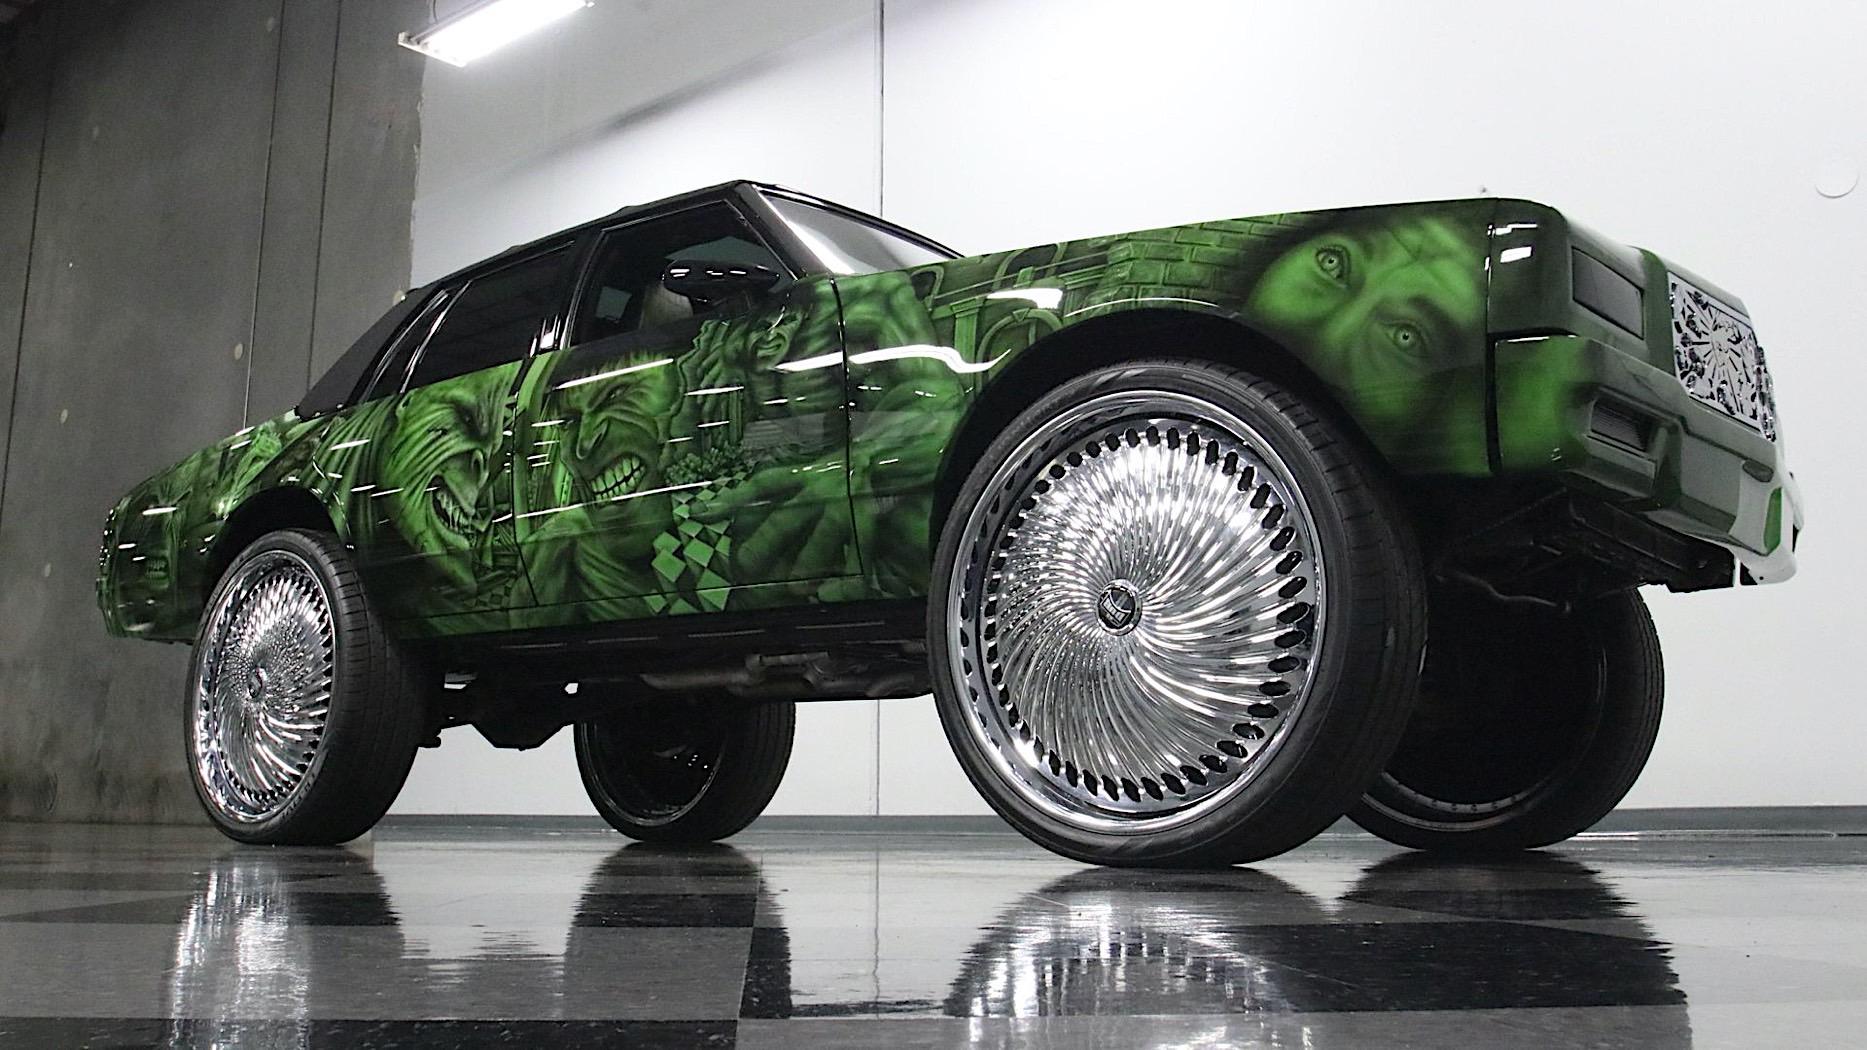 Продаётся уникальный Chevrolet Caprice в стиле «Халка» на 30-дюймовых колёсах